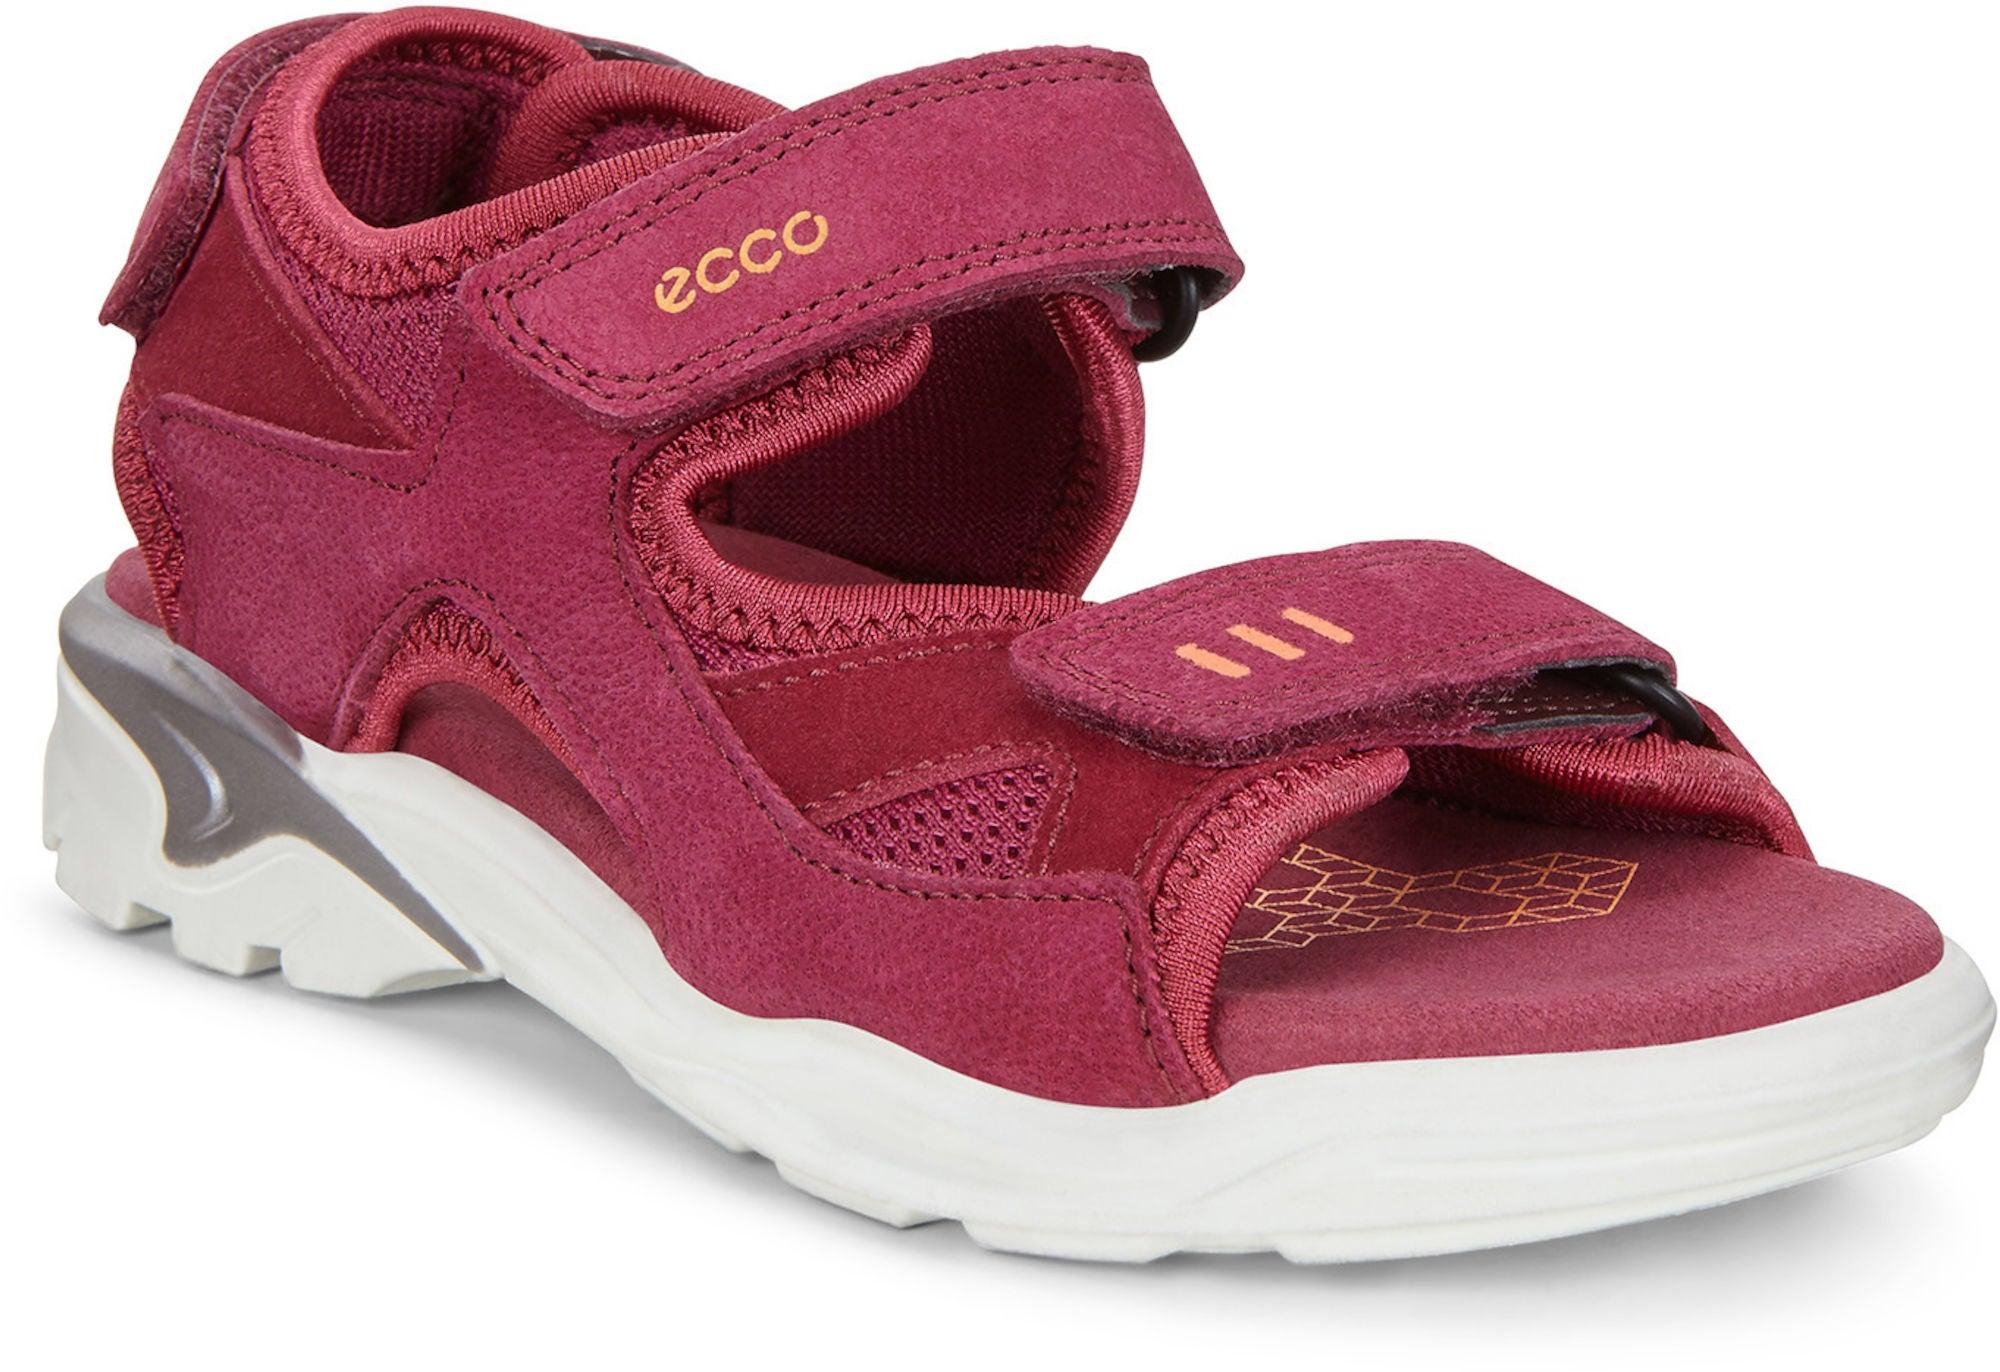 Køb ECCO Biom Raft Sandaler, Red Plum   Jollyroom